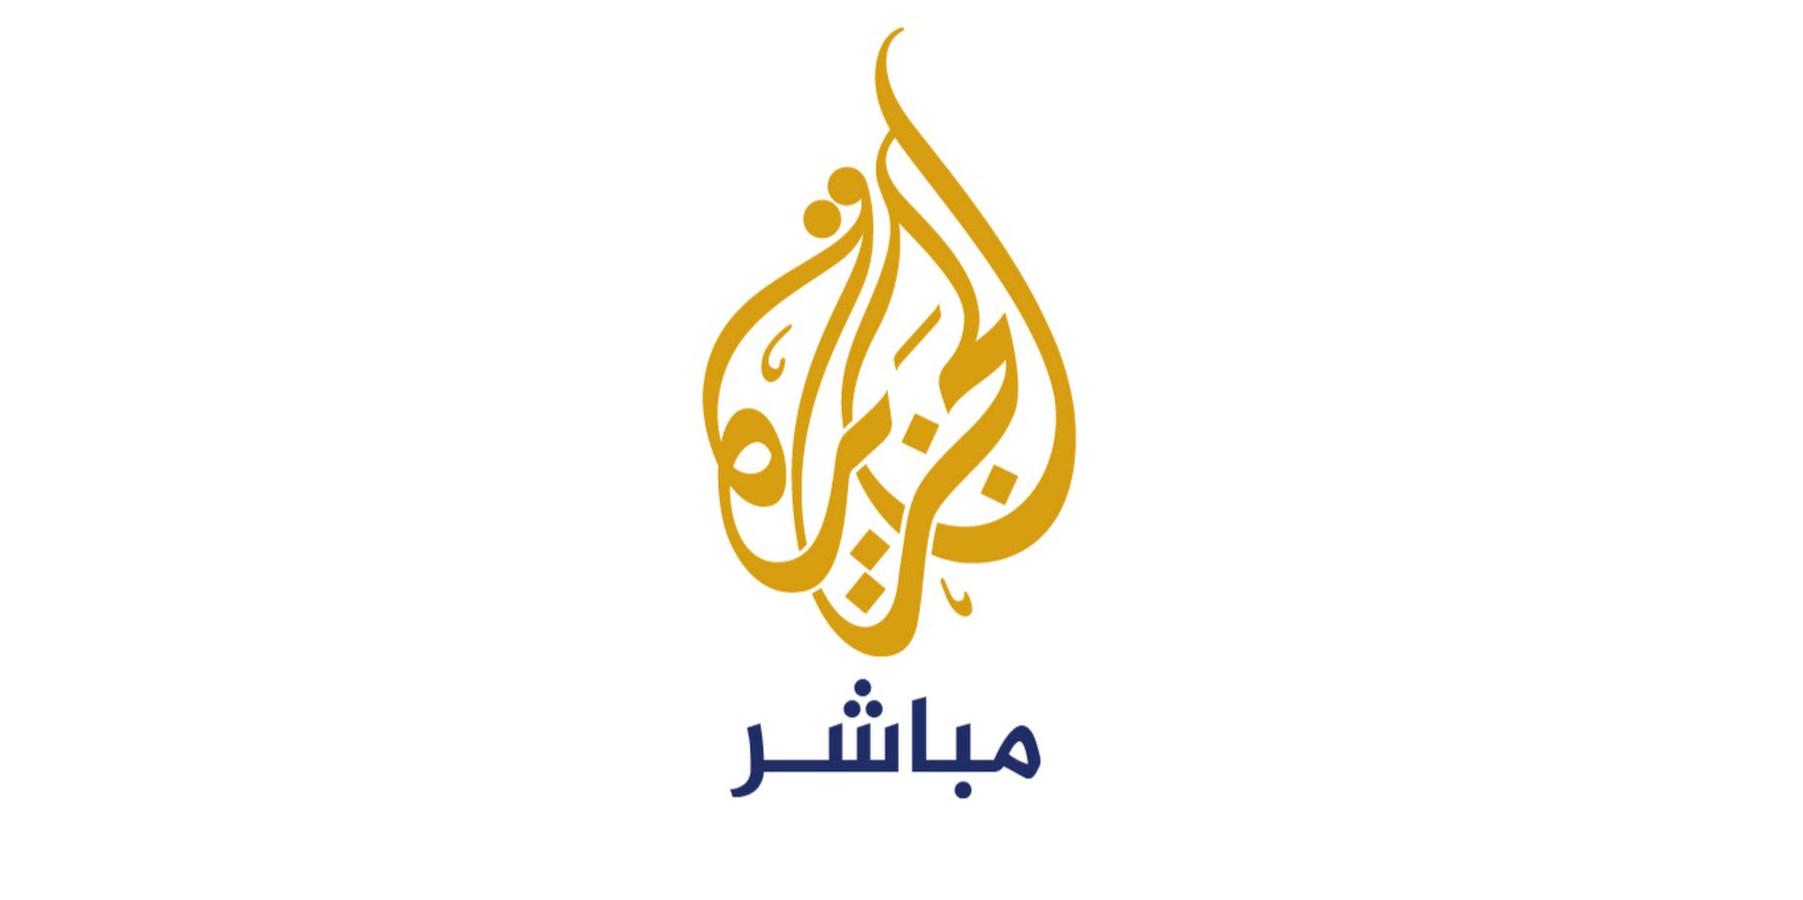 صورة تردد قناة الجزيرة مباشر , احدث تردد قناه الجزيره الجديد على النايل سات 5665 1